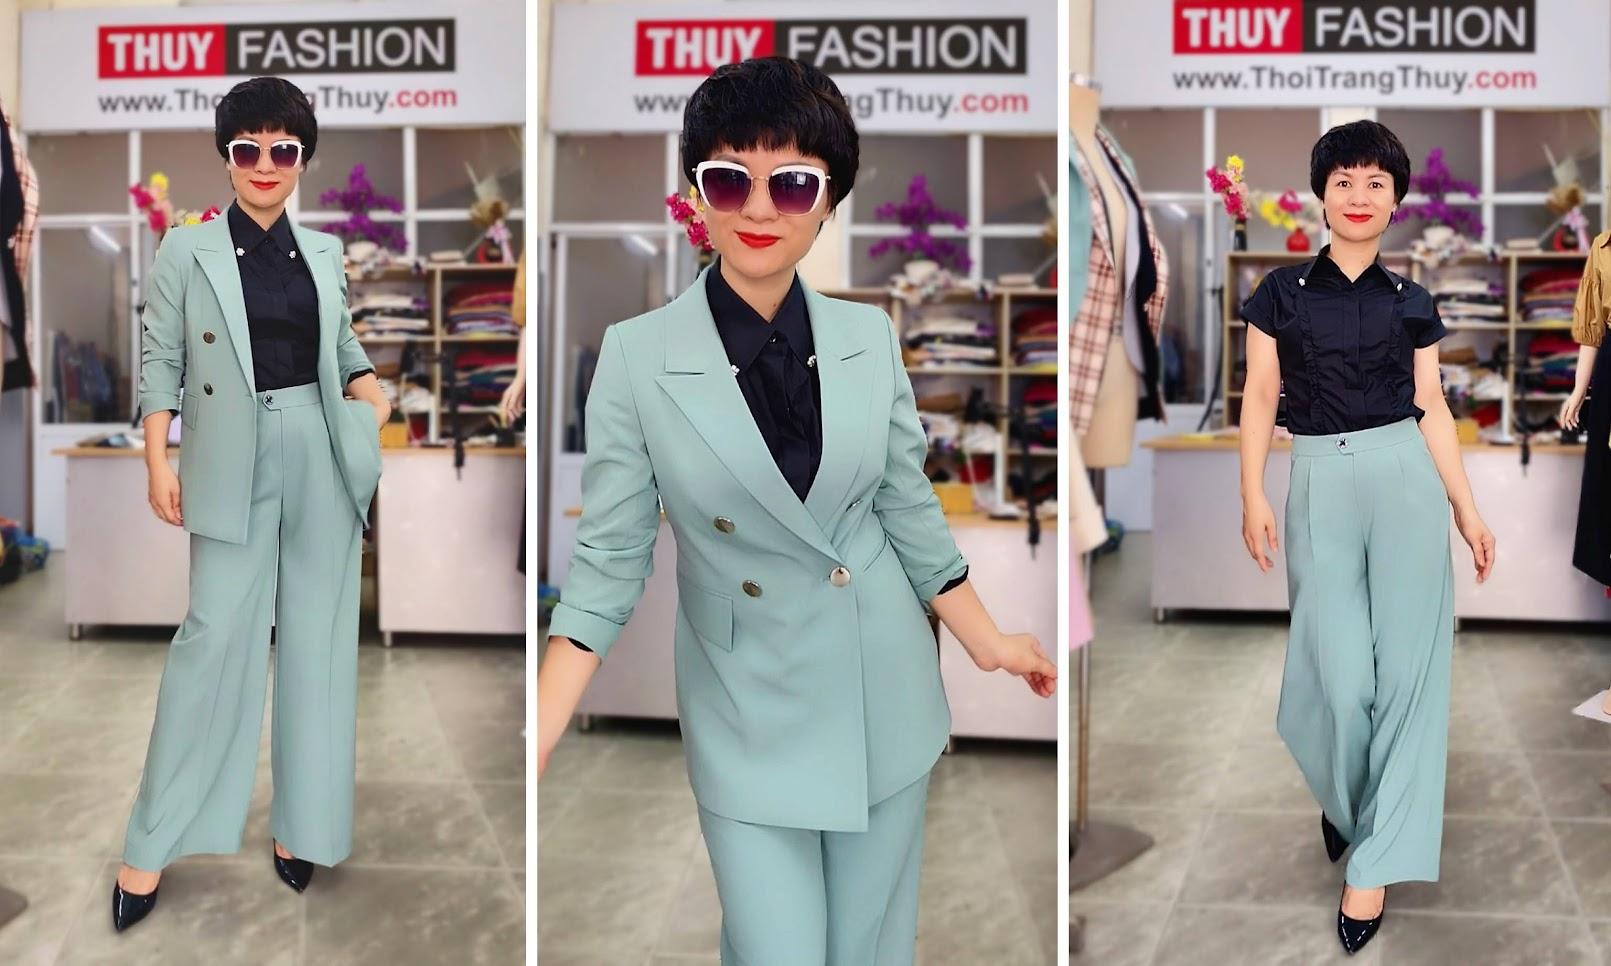 Áo vest nữ mix đồ quần ống suông màu xanh V726 thời trang thủy